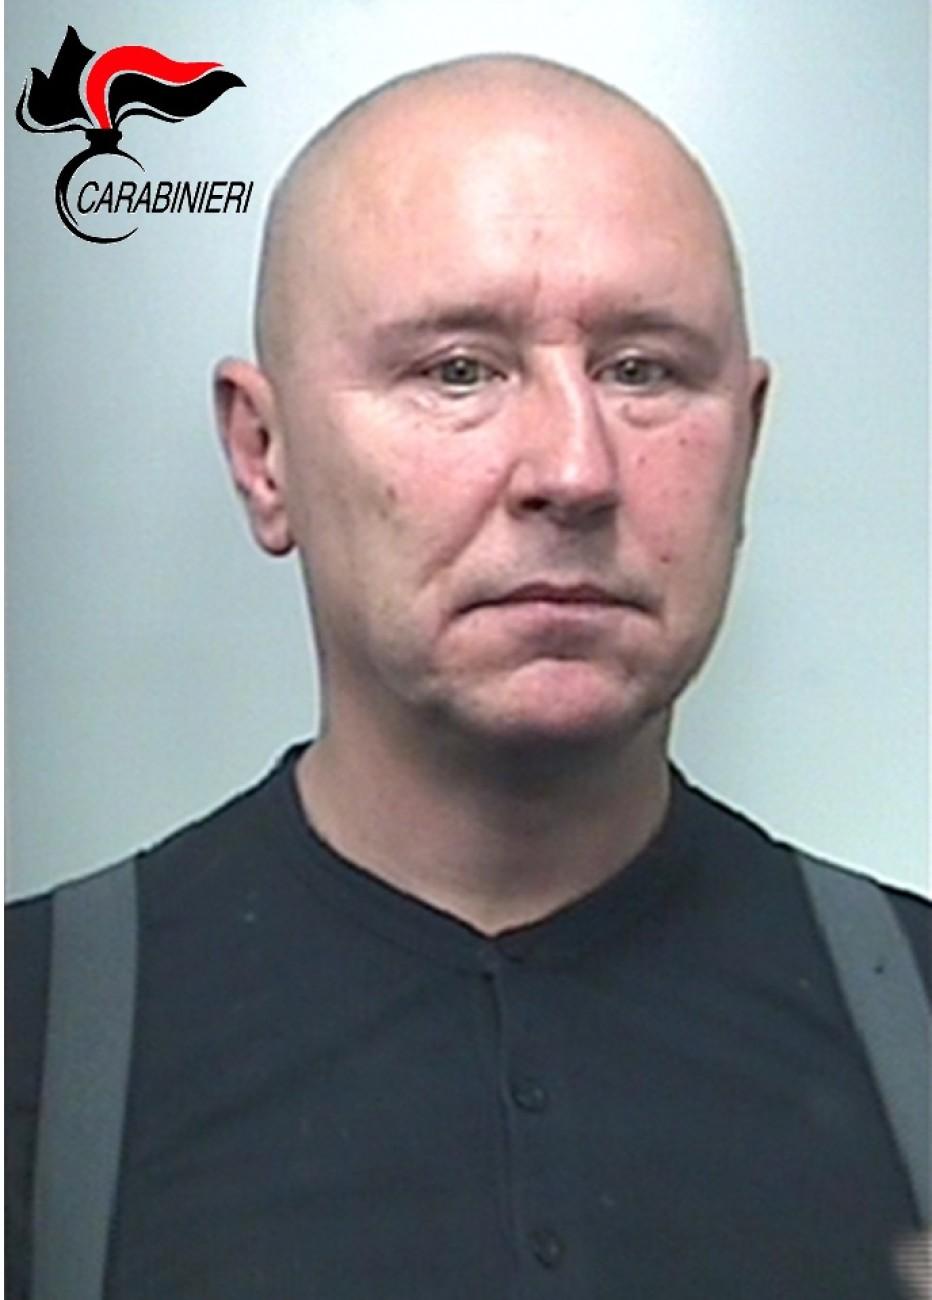 Arrestato nella notte cittadino polacco a Cortina, aveva rubato la borsa di una cliente della Cooperativa